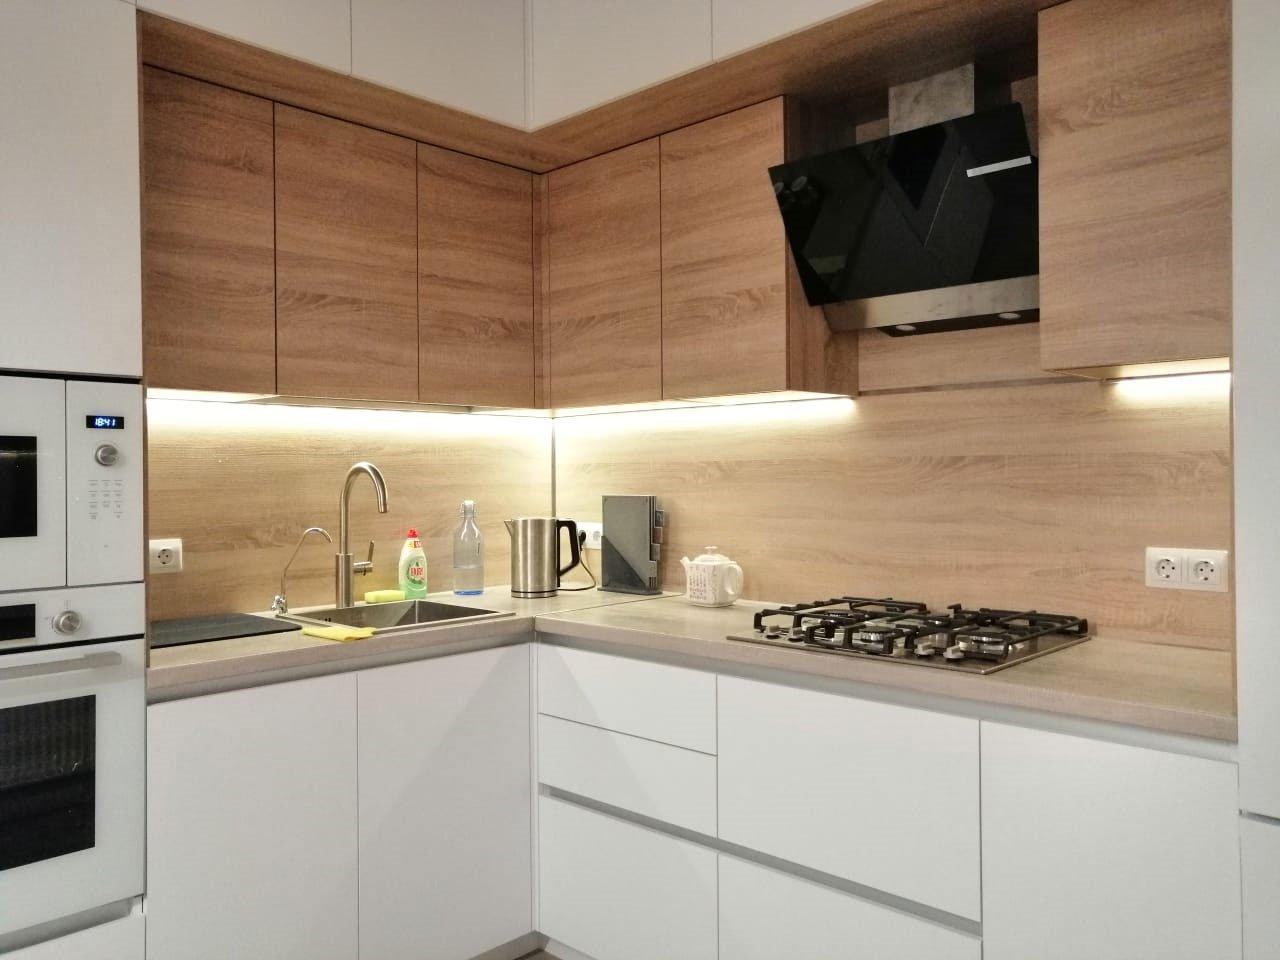 светодиодная подсветка для кухни под шкафы — купить набор фото